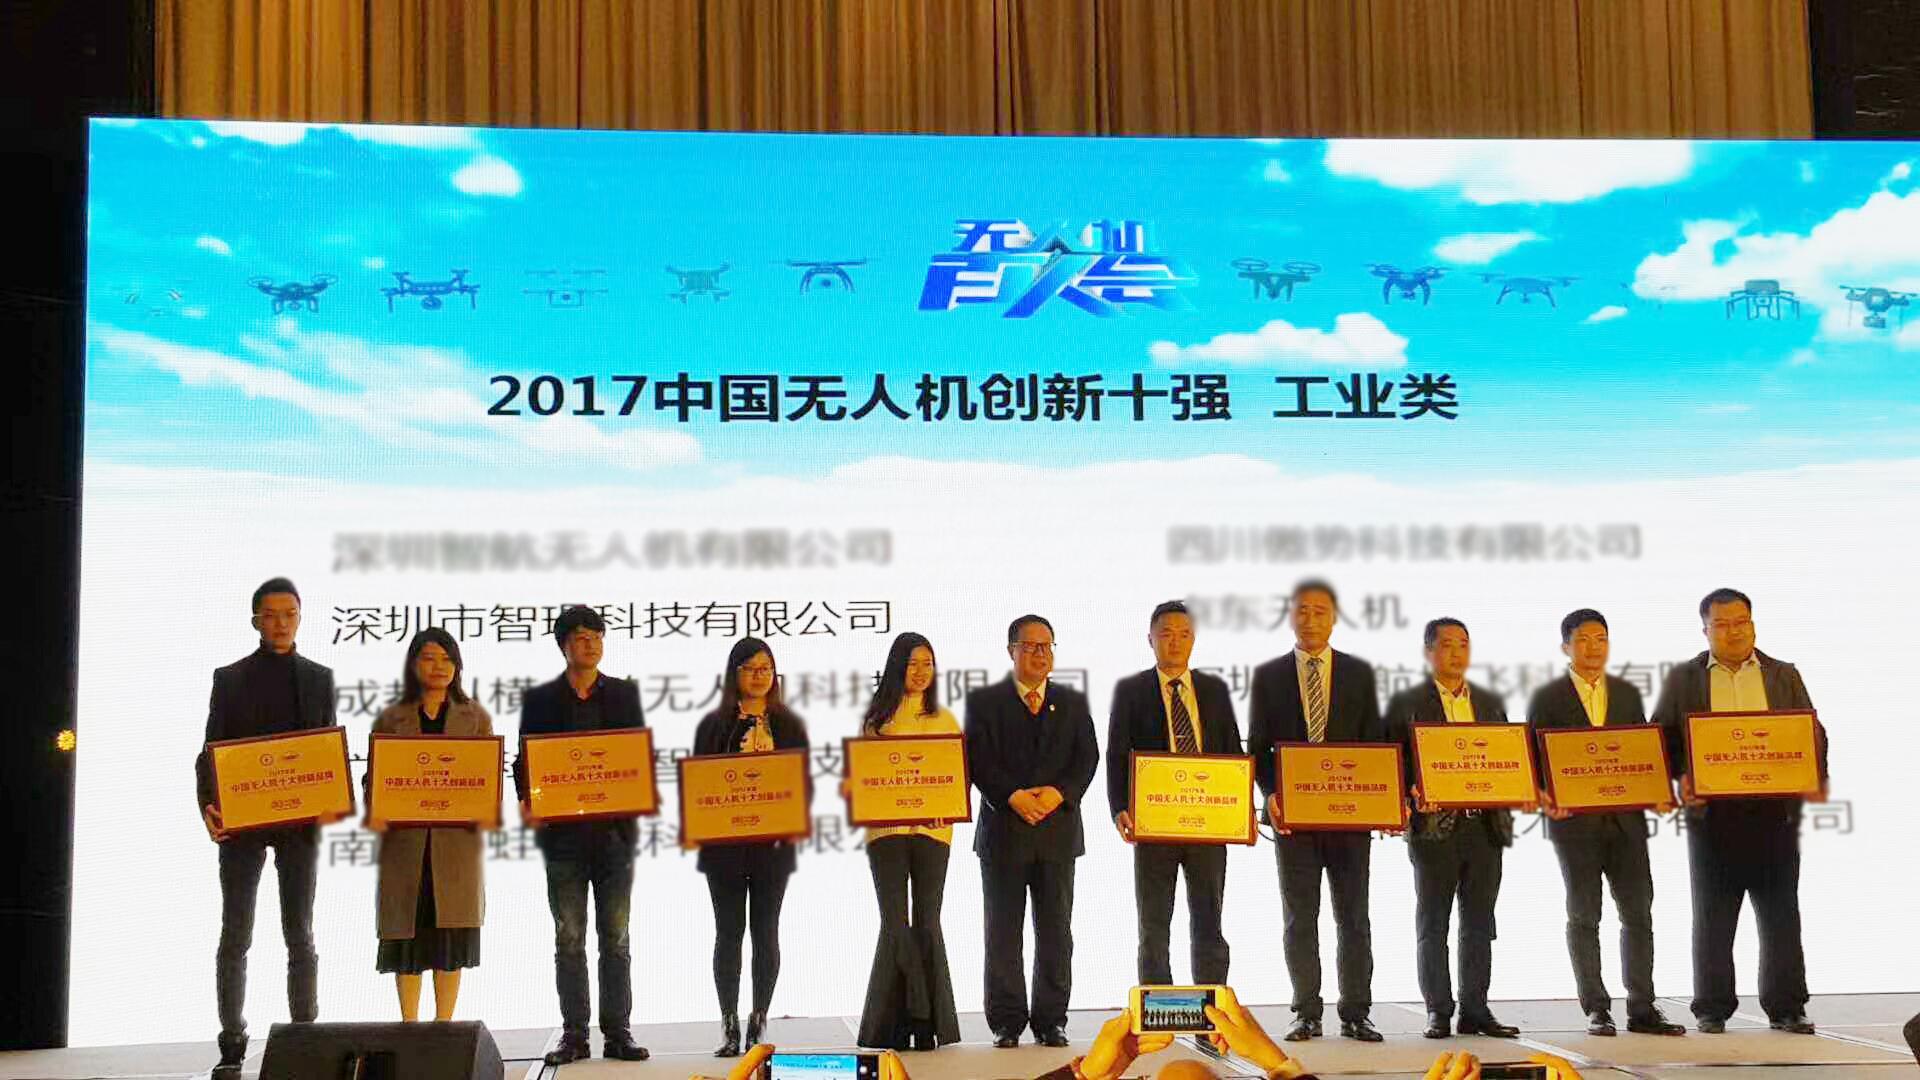 智璟科技荣获2017年度中国无人机十大创新品牌